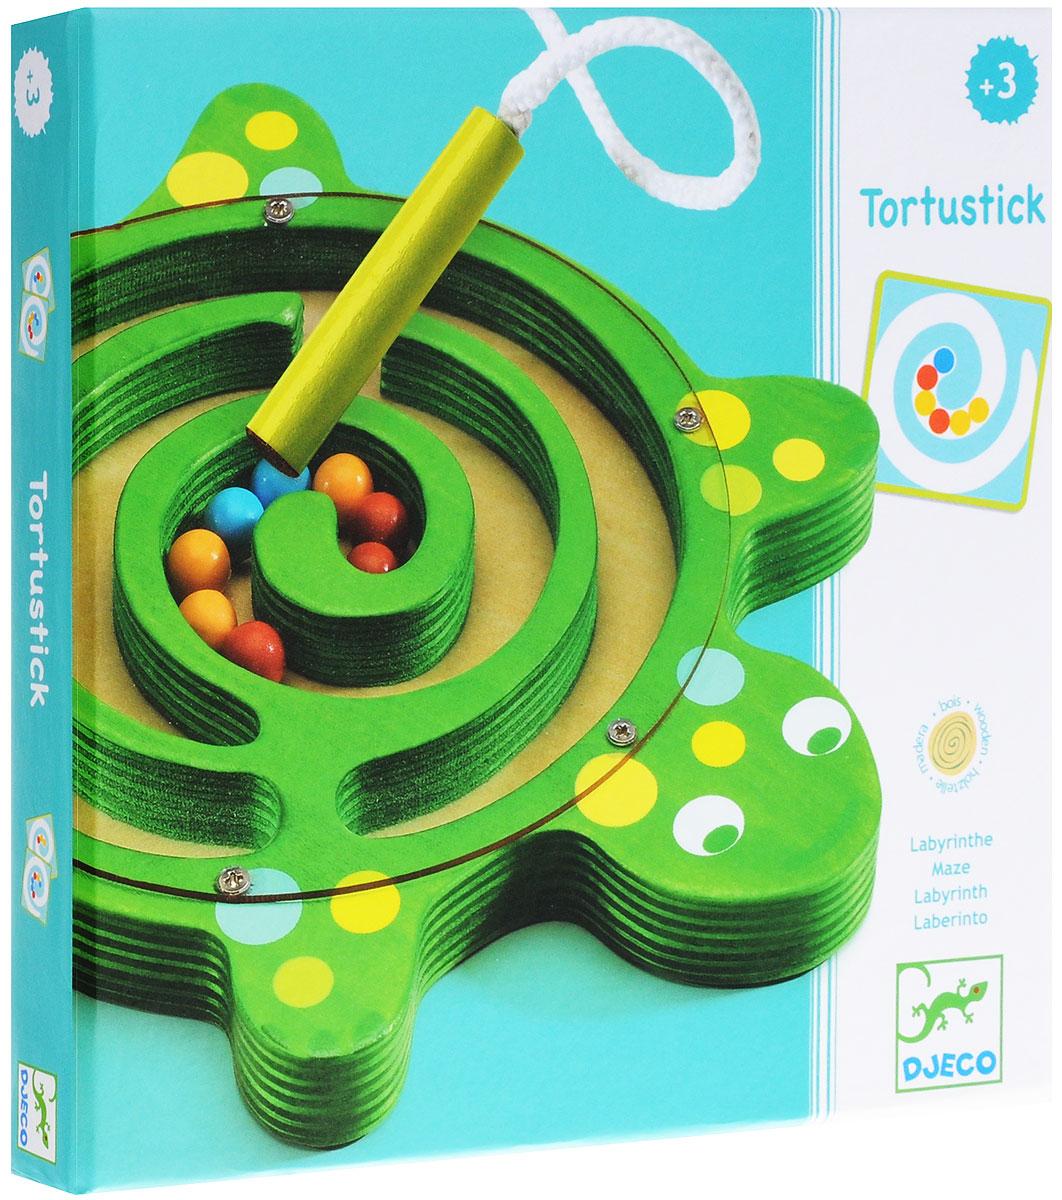 развивающие игрушки для детей 2-3 года купить нет объявлений